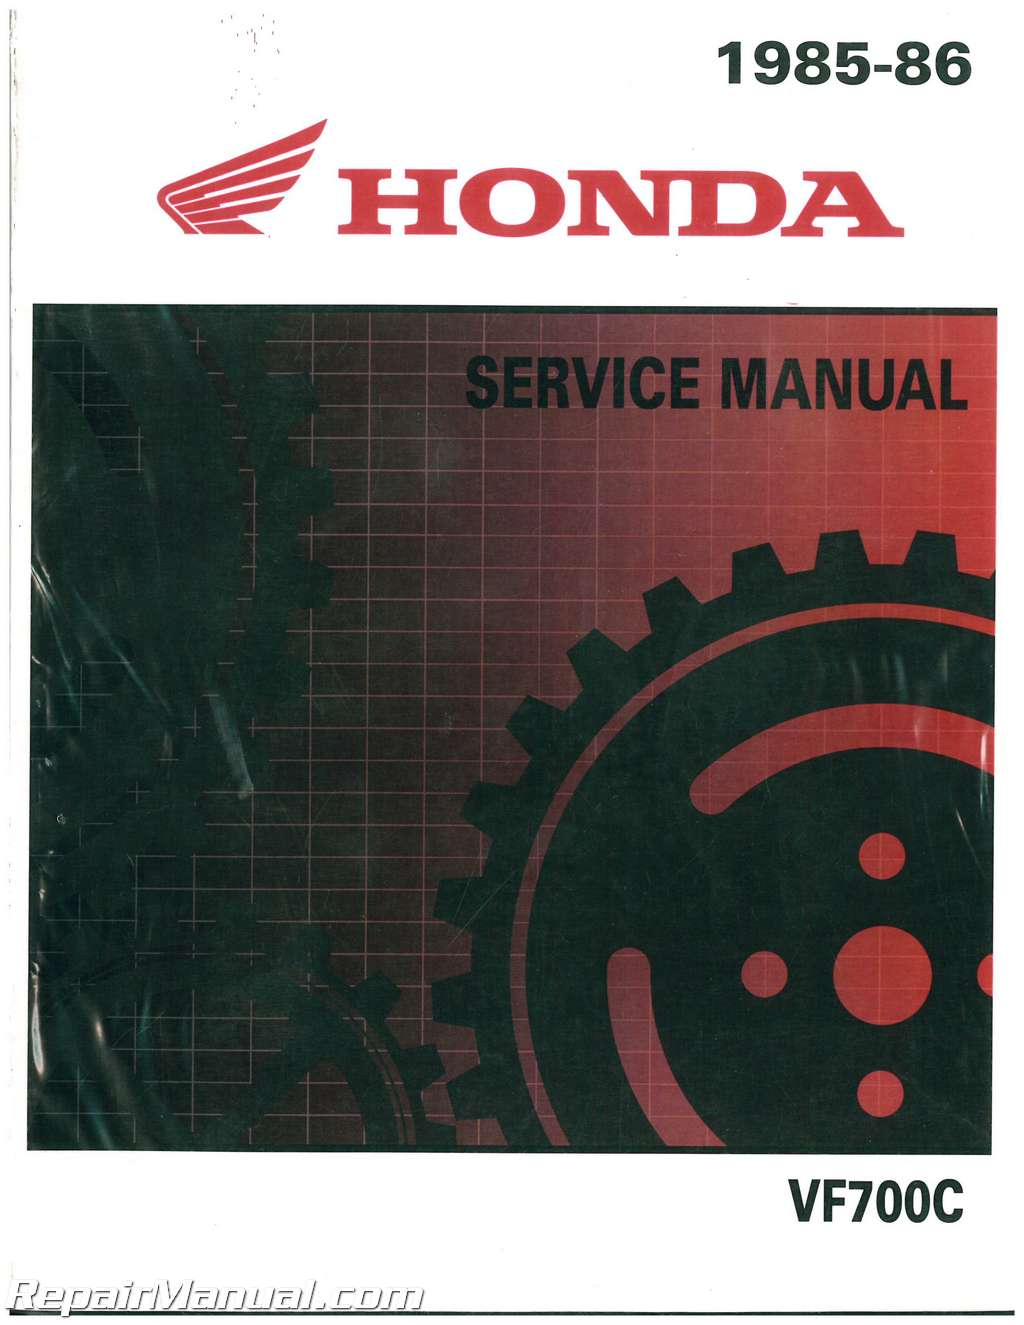 Diagram Of Honda Motorcycle Parts 1985 Vf700f A Fuel Pump Diagram